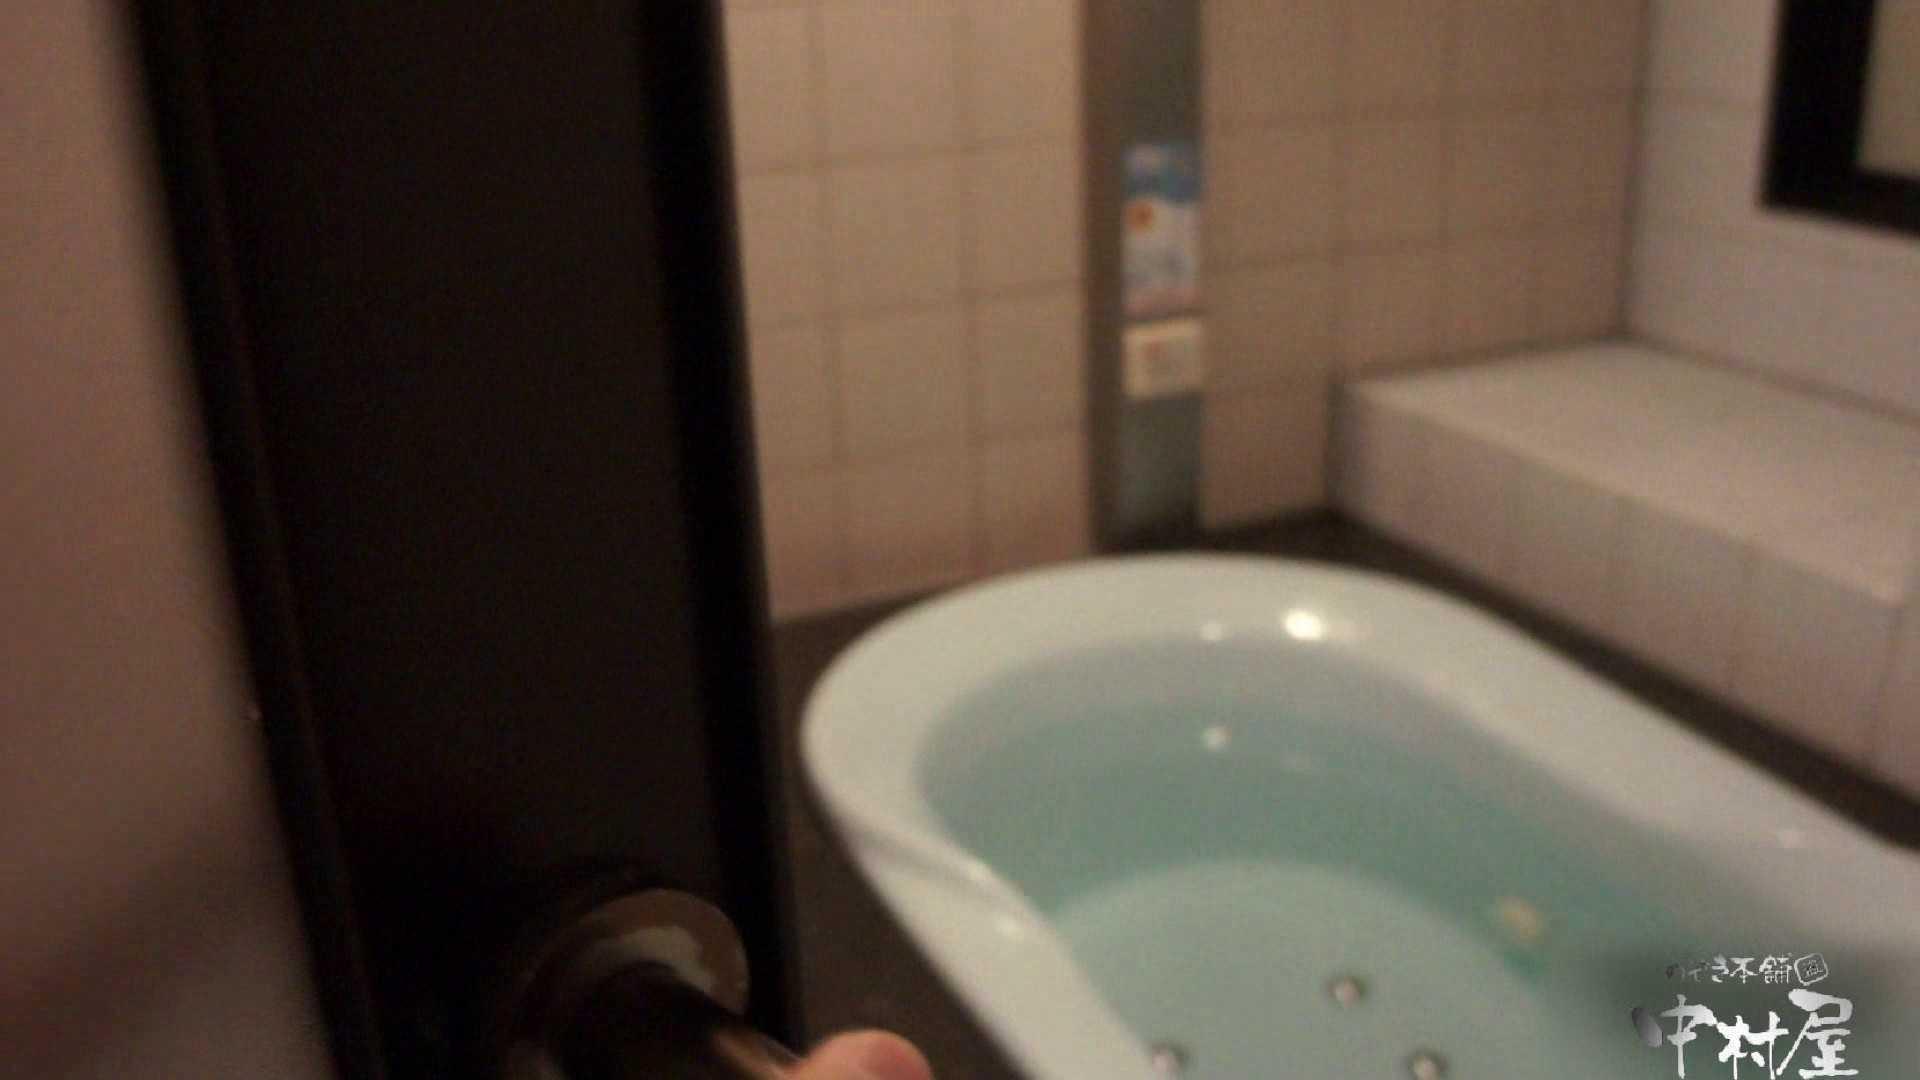 二人とも育てた甲斐がありました…vol.65【ユリナ】お泊りした翌日の朝・・・。 シャワー | ラブホテル  88連発 5